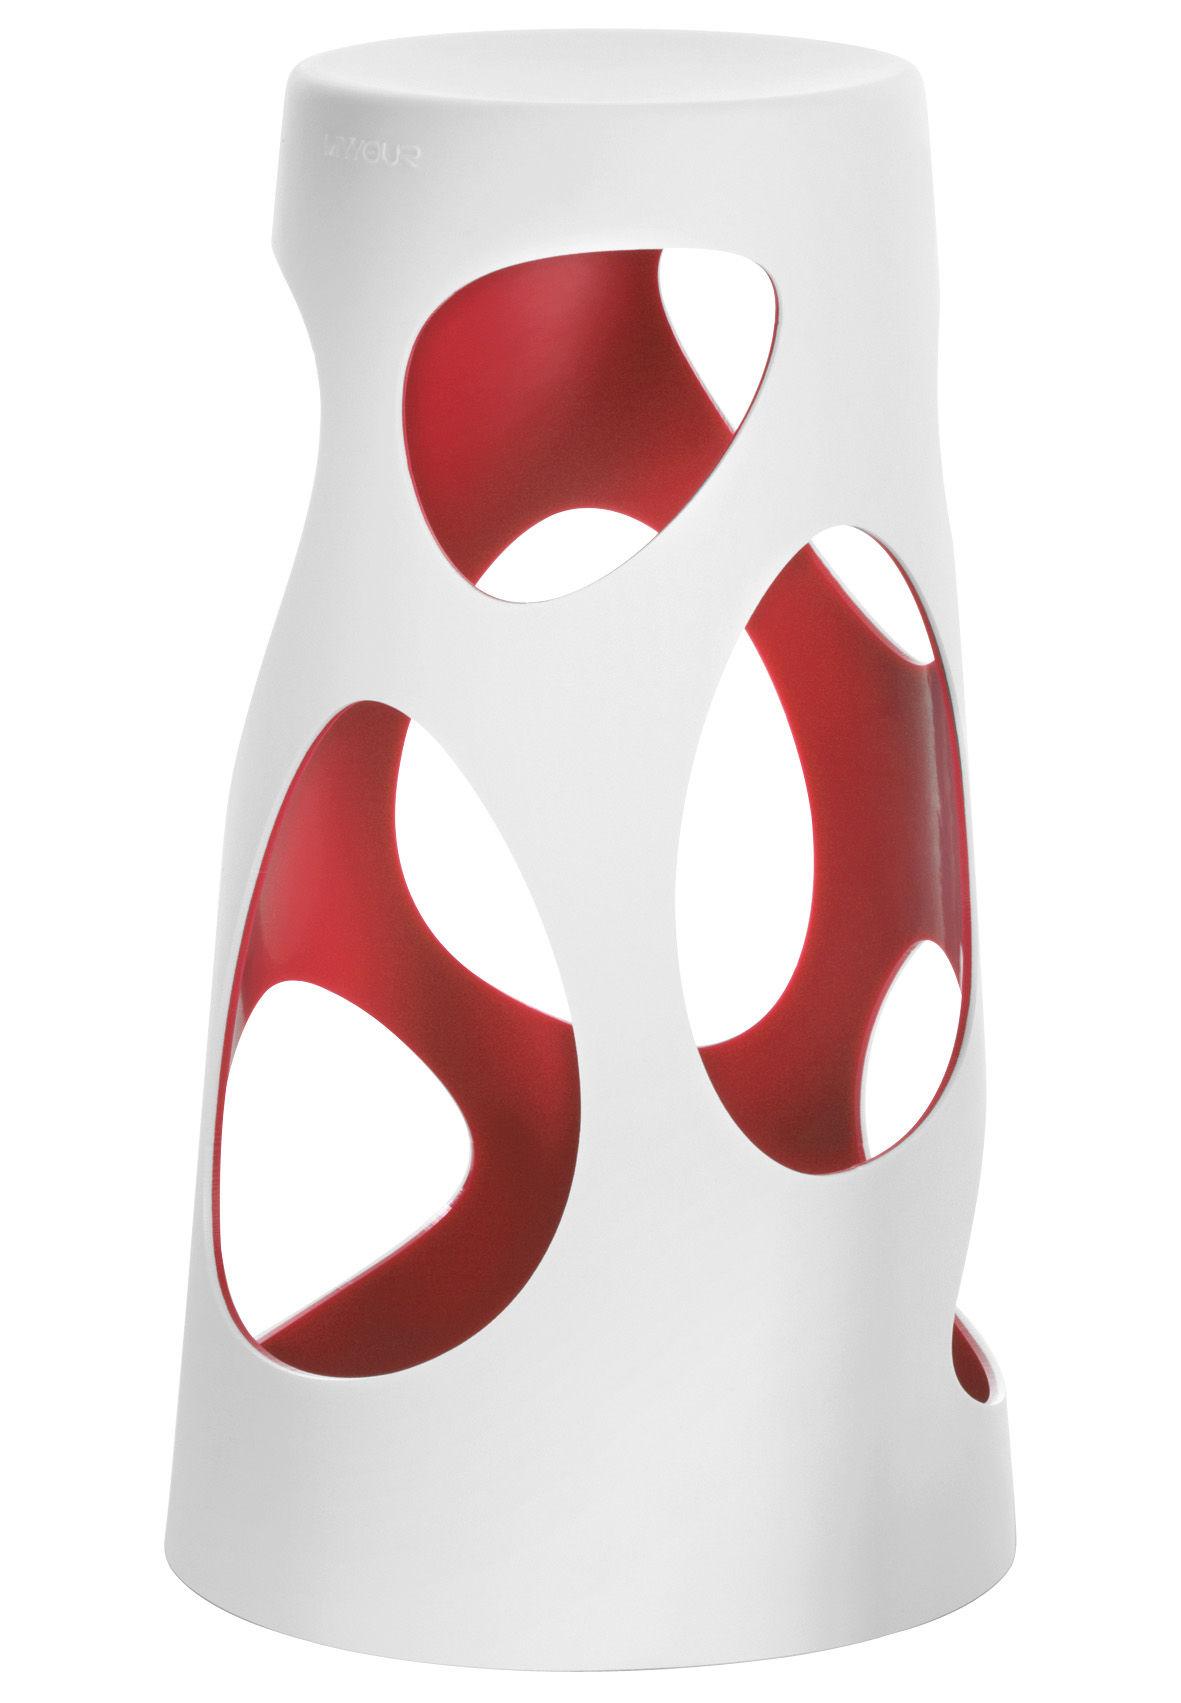 Outdoor - Tavoli  - Accessoire table / Pied pour table Liberty - H 74 cm di MyYour - Esterno bianco / Interno rosso - Poleasy